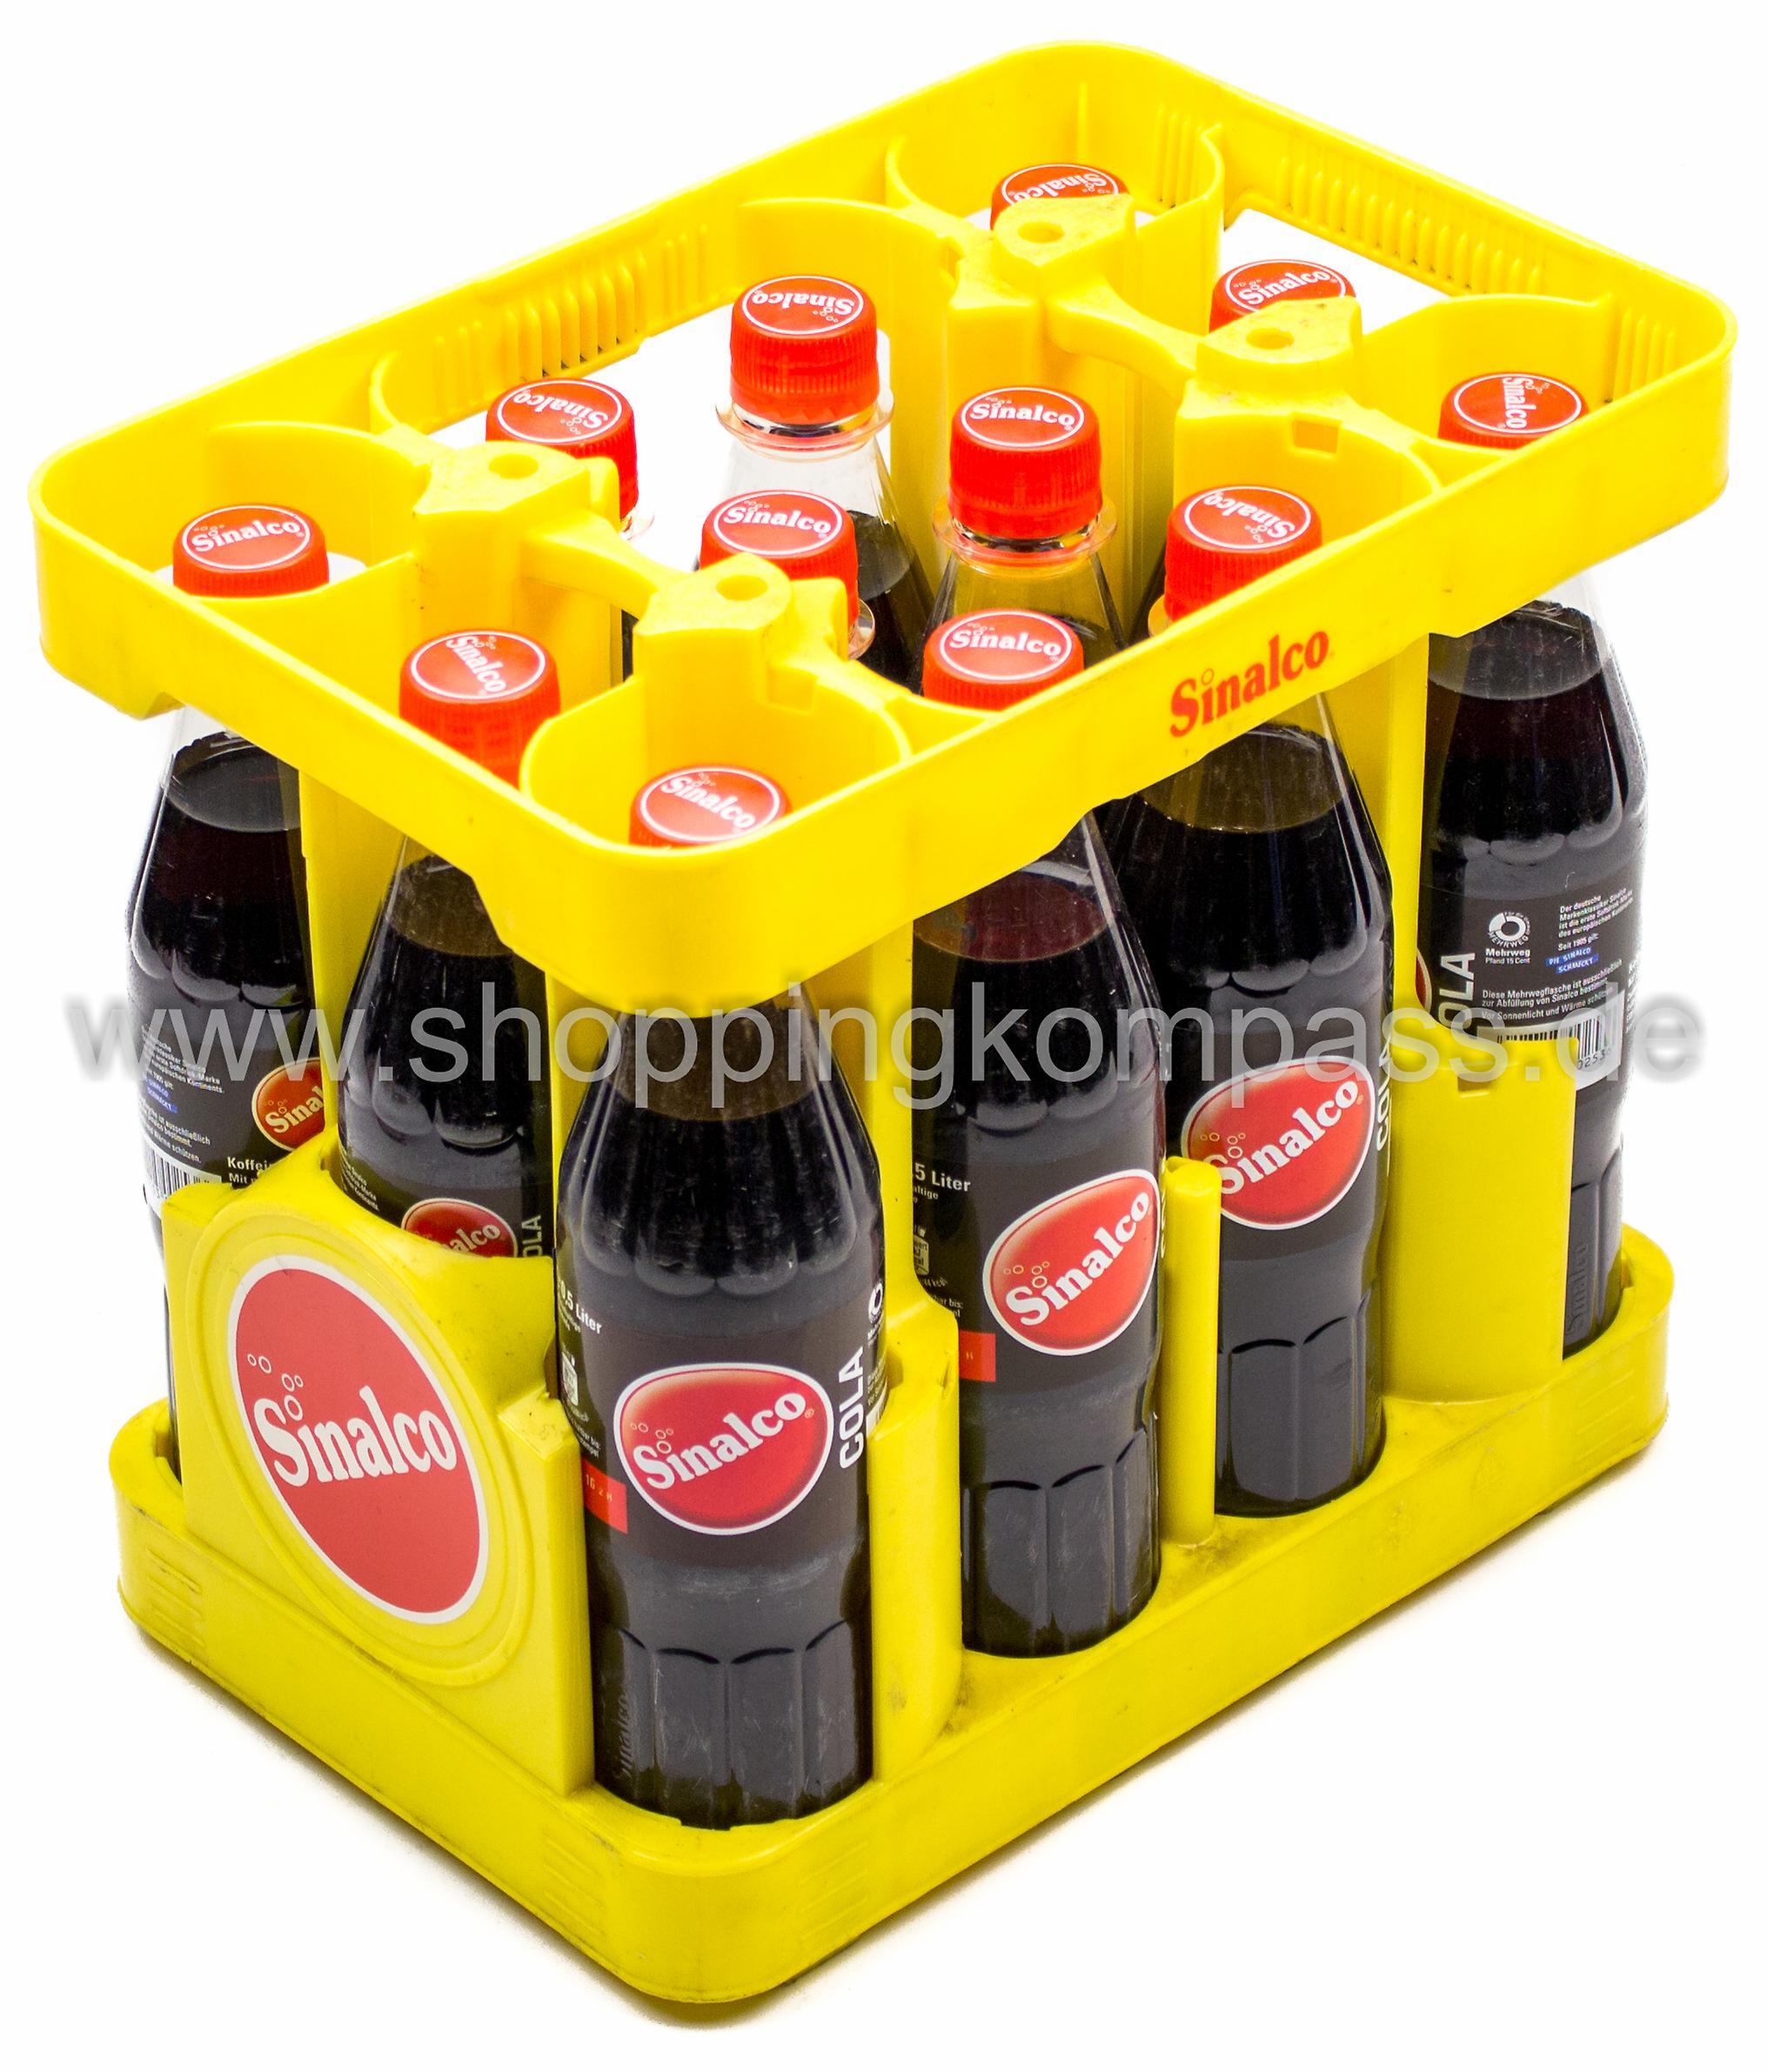 Sinalco Cola Kasten 12 x 0,5 l PET MW